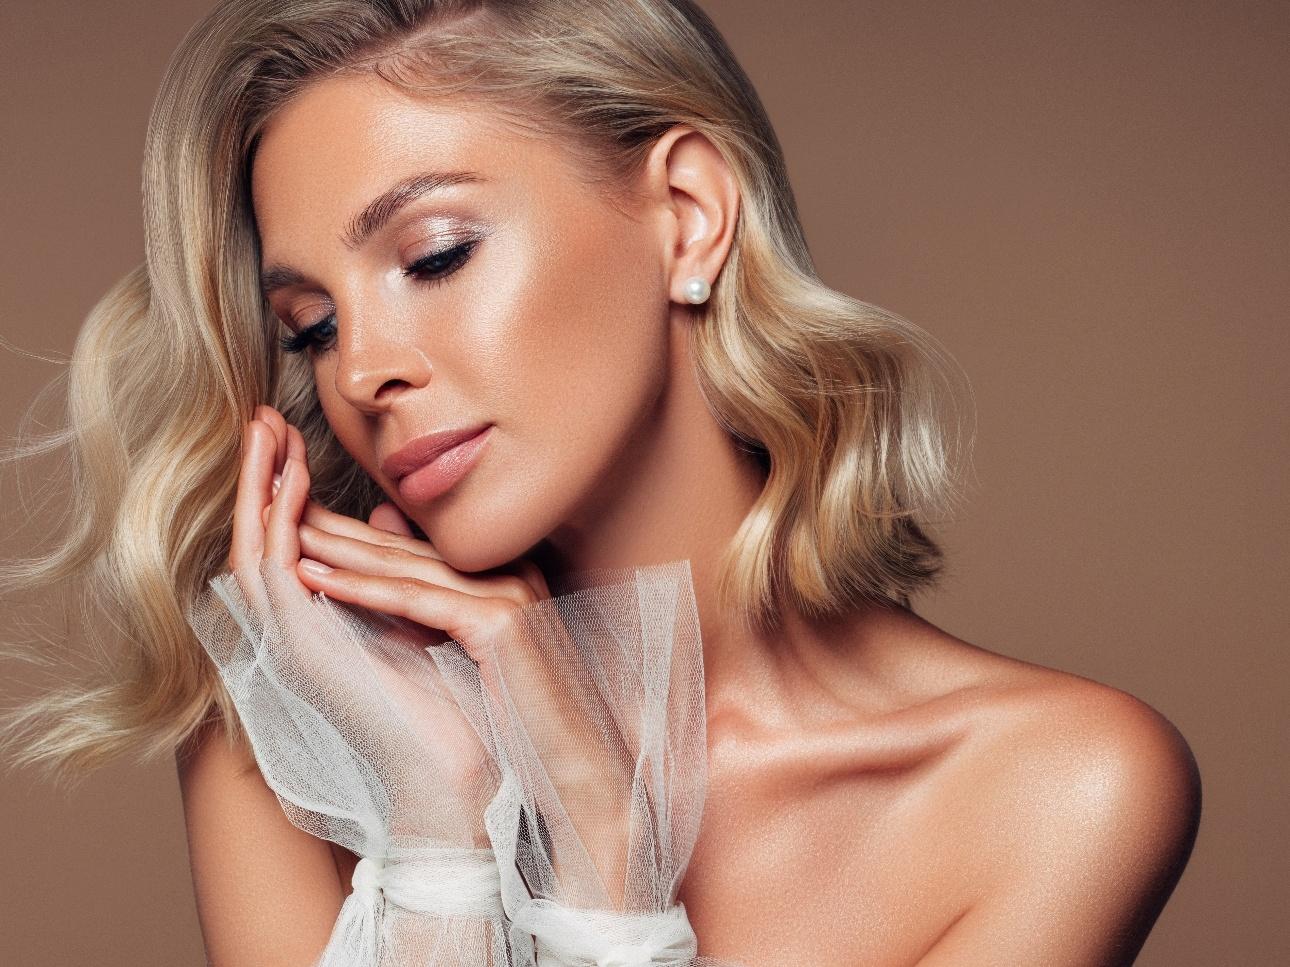 We chat to award-winning make-up artist Natasha Louise about winter beauty